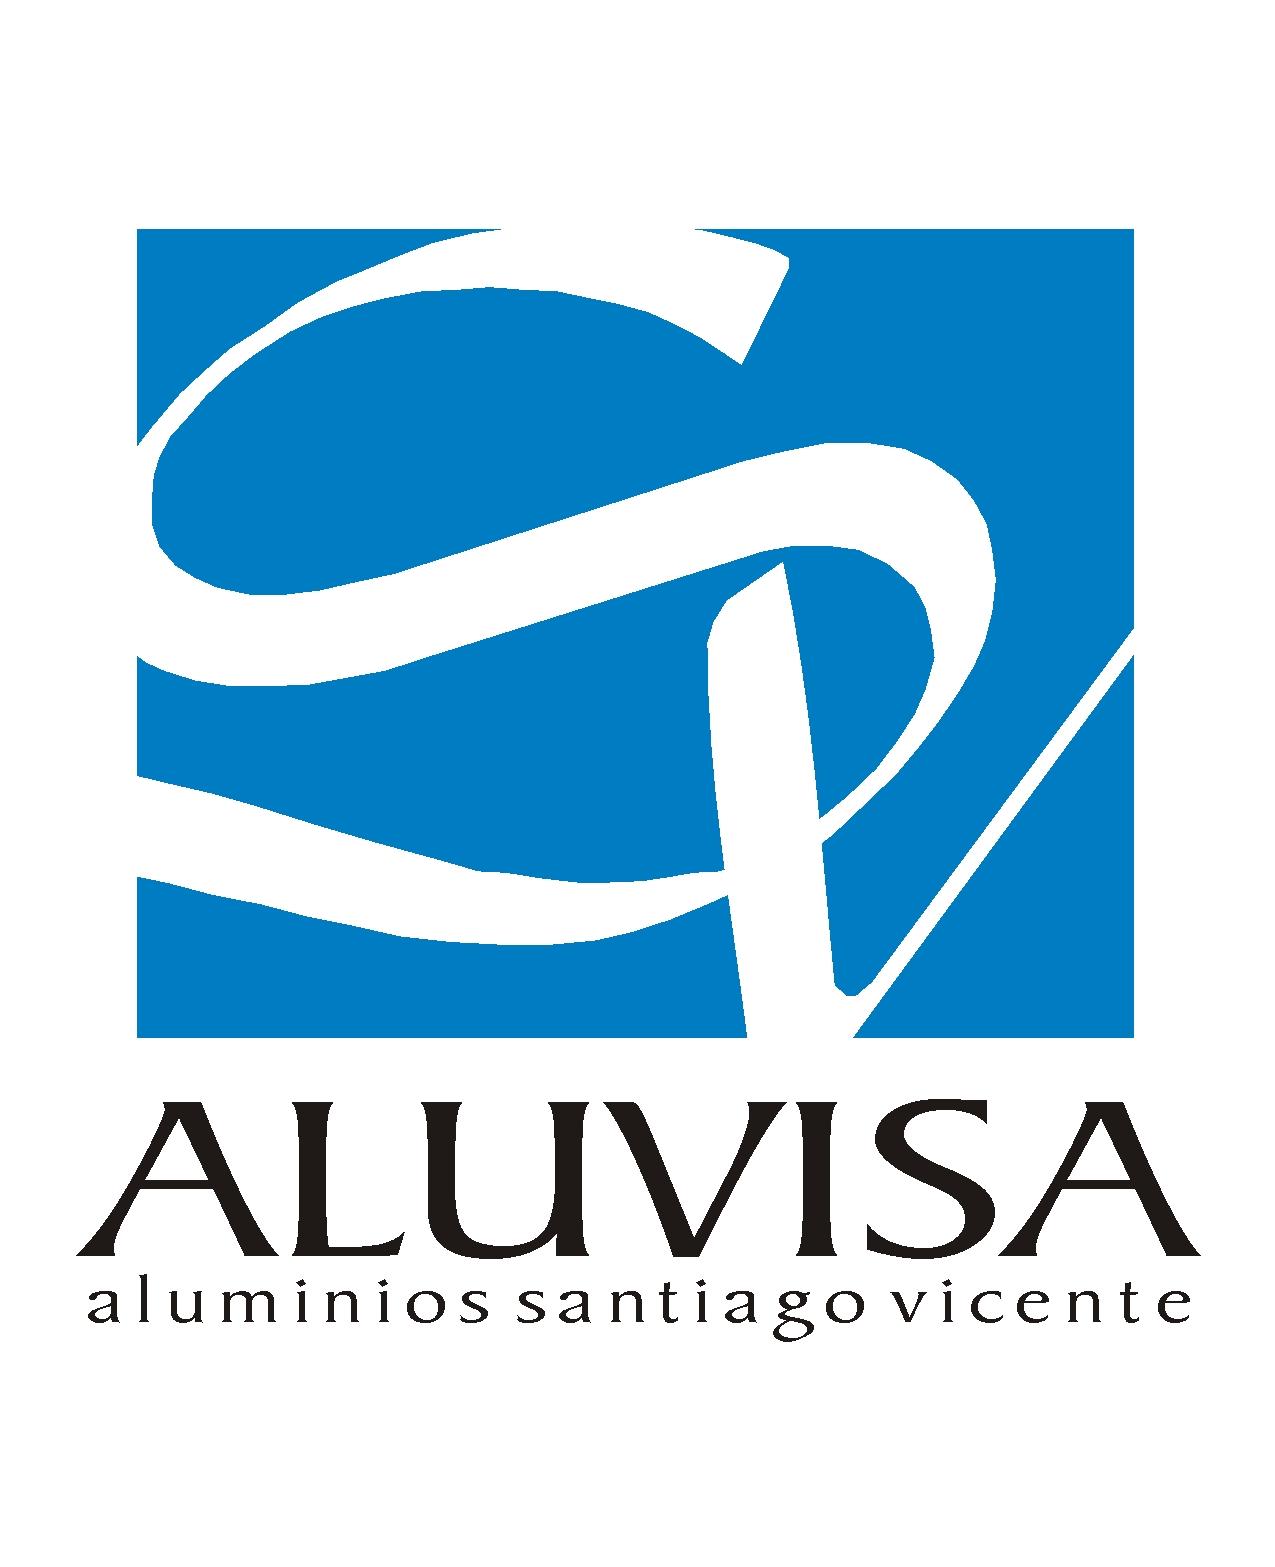 Mueble De Aluminio Para Cocina En Cuarte De Huerva P Ginas Amarillas # Muebles Rabanal Villanueva Serena